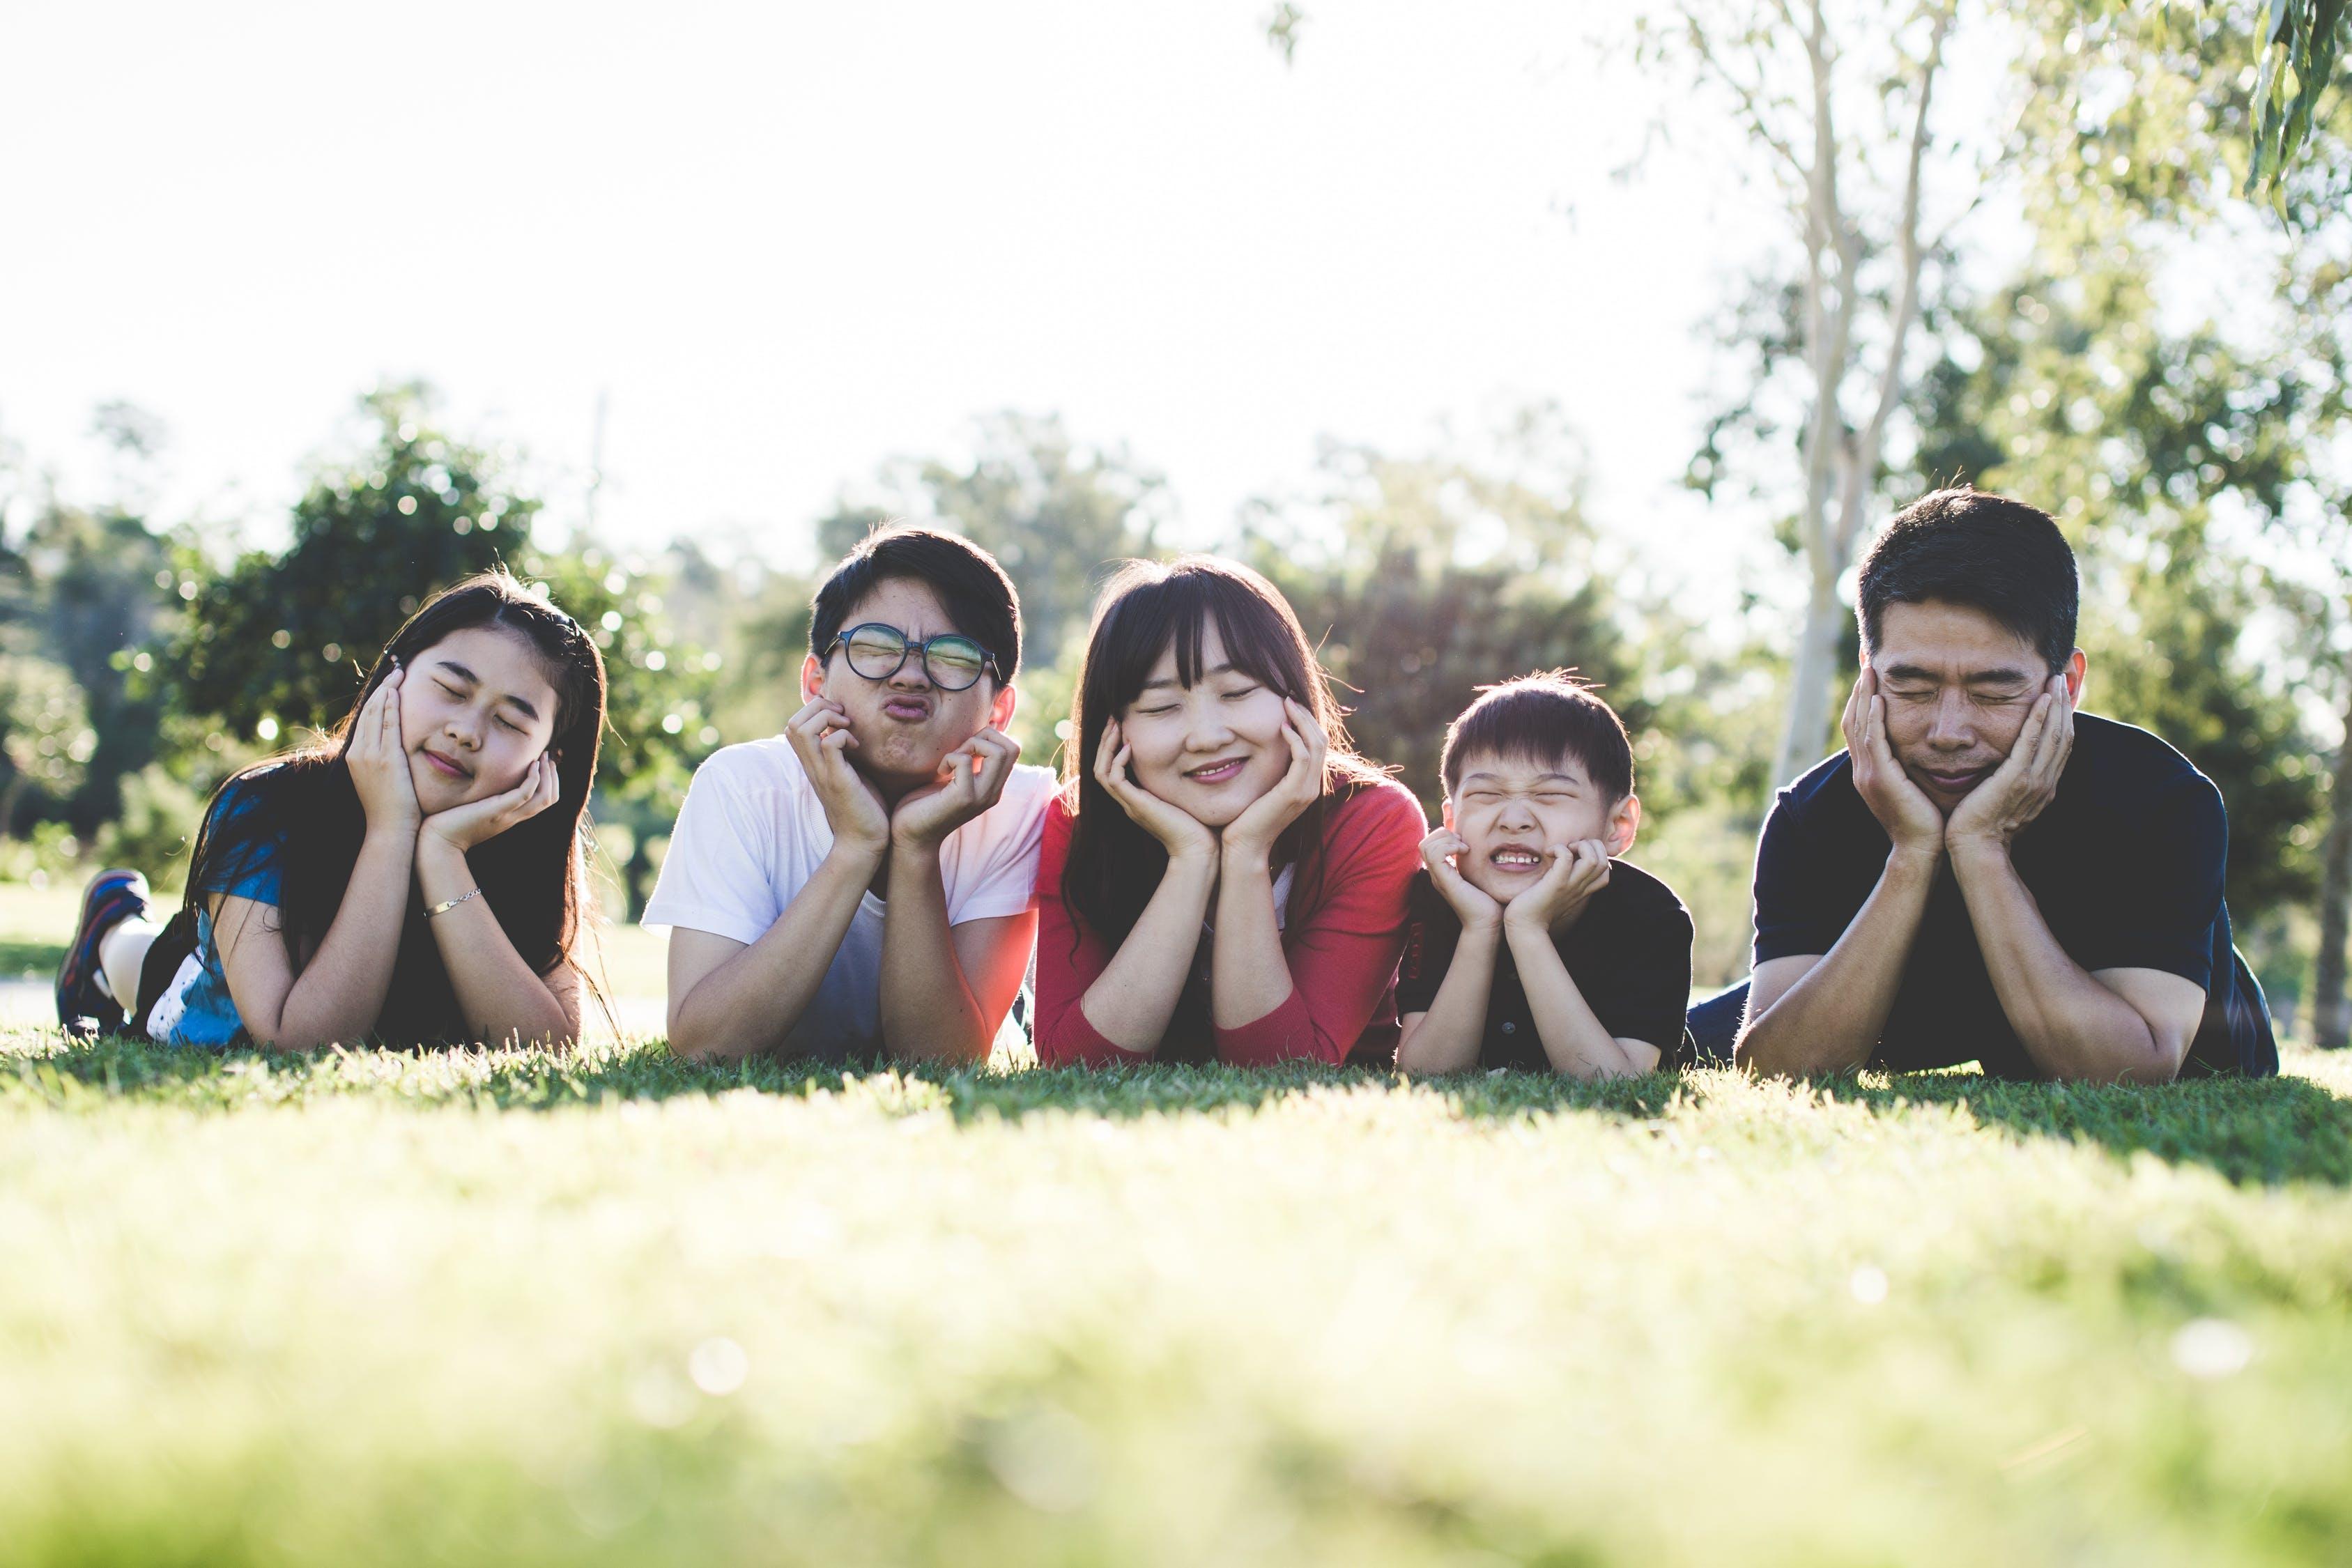 拍摄全家福的意义你知道多少?